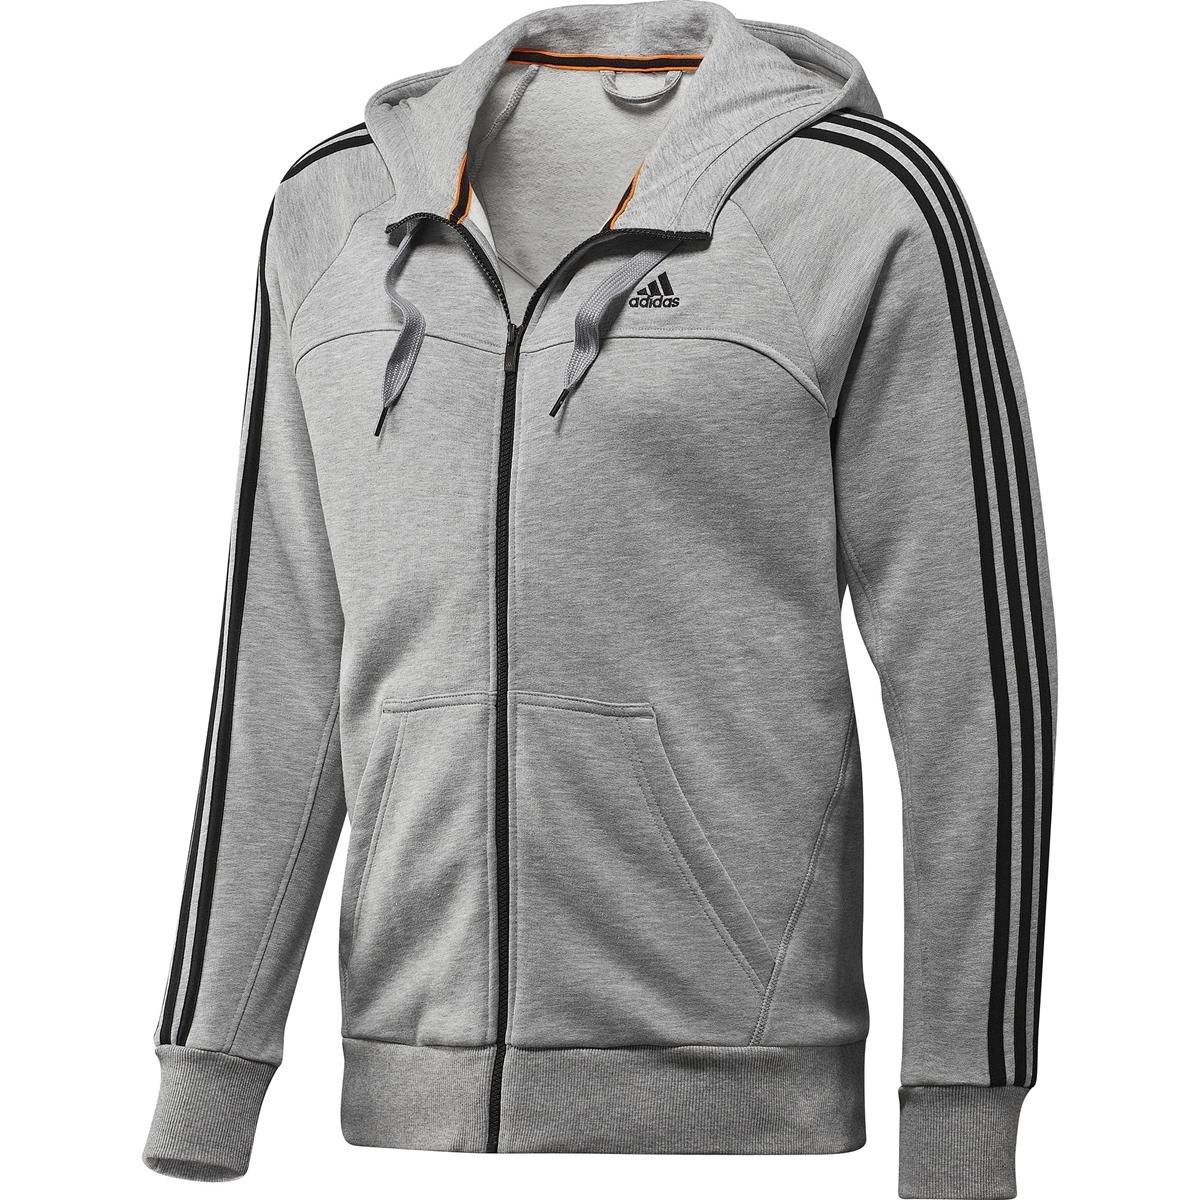 lo último f8749 f7e31 Adidas Sudadera Essential 3S FZ Ho (gris/negro)